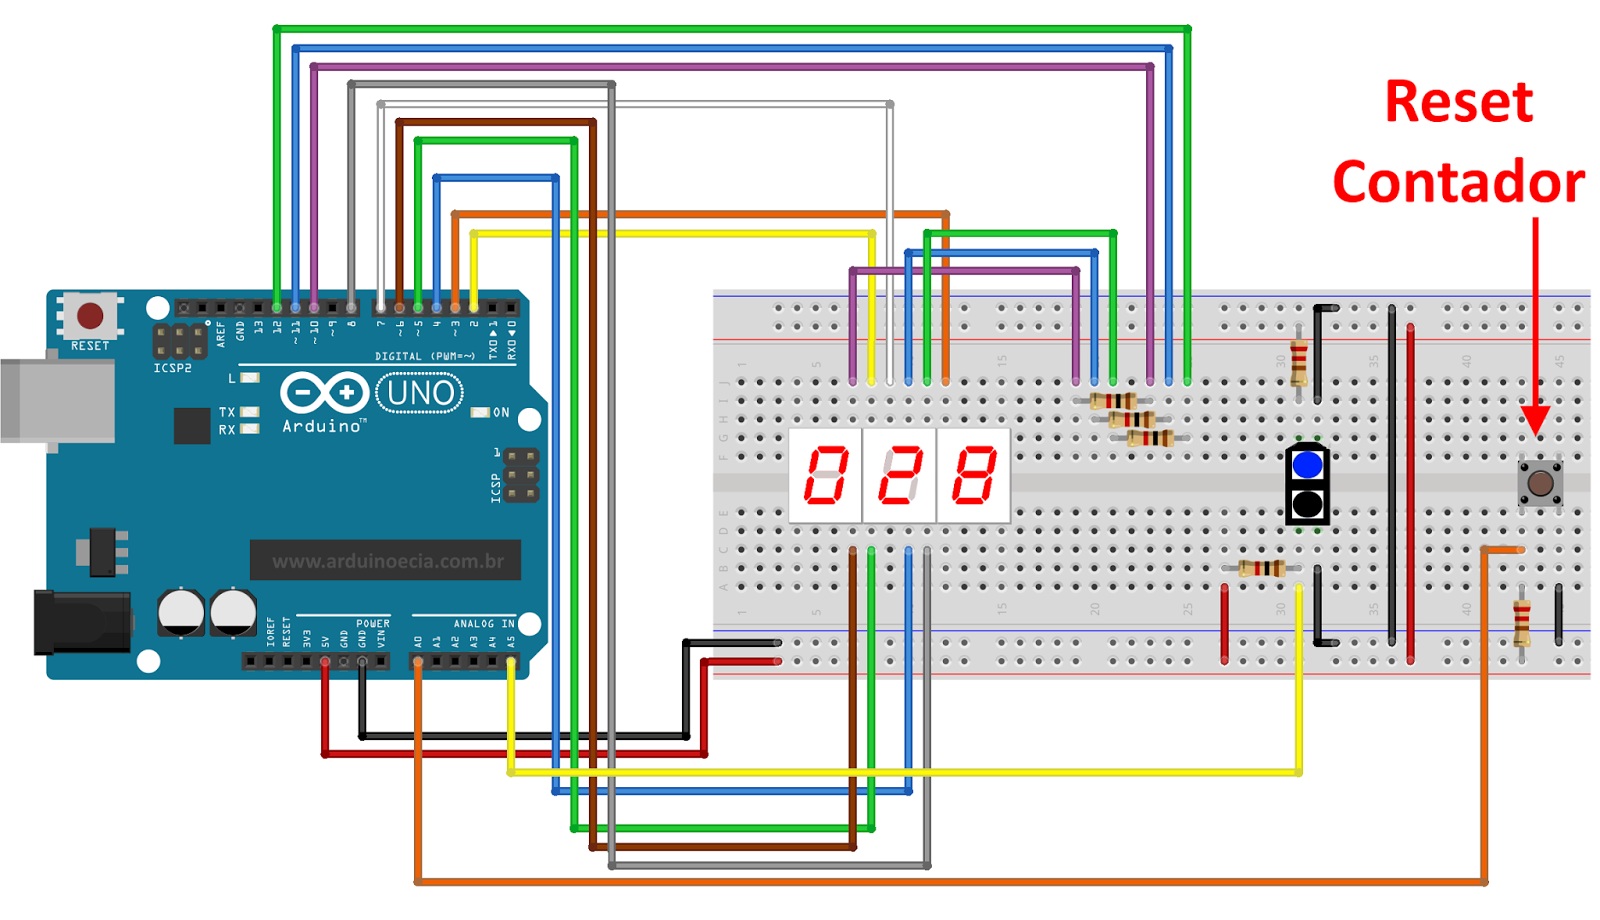 contador com botão de reset - display 7 segmentos